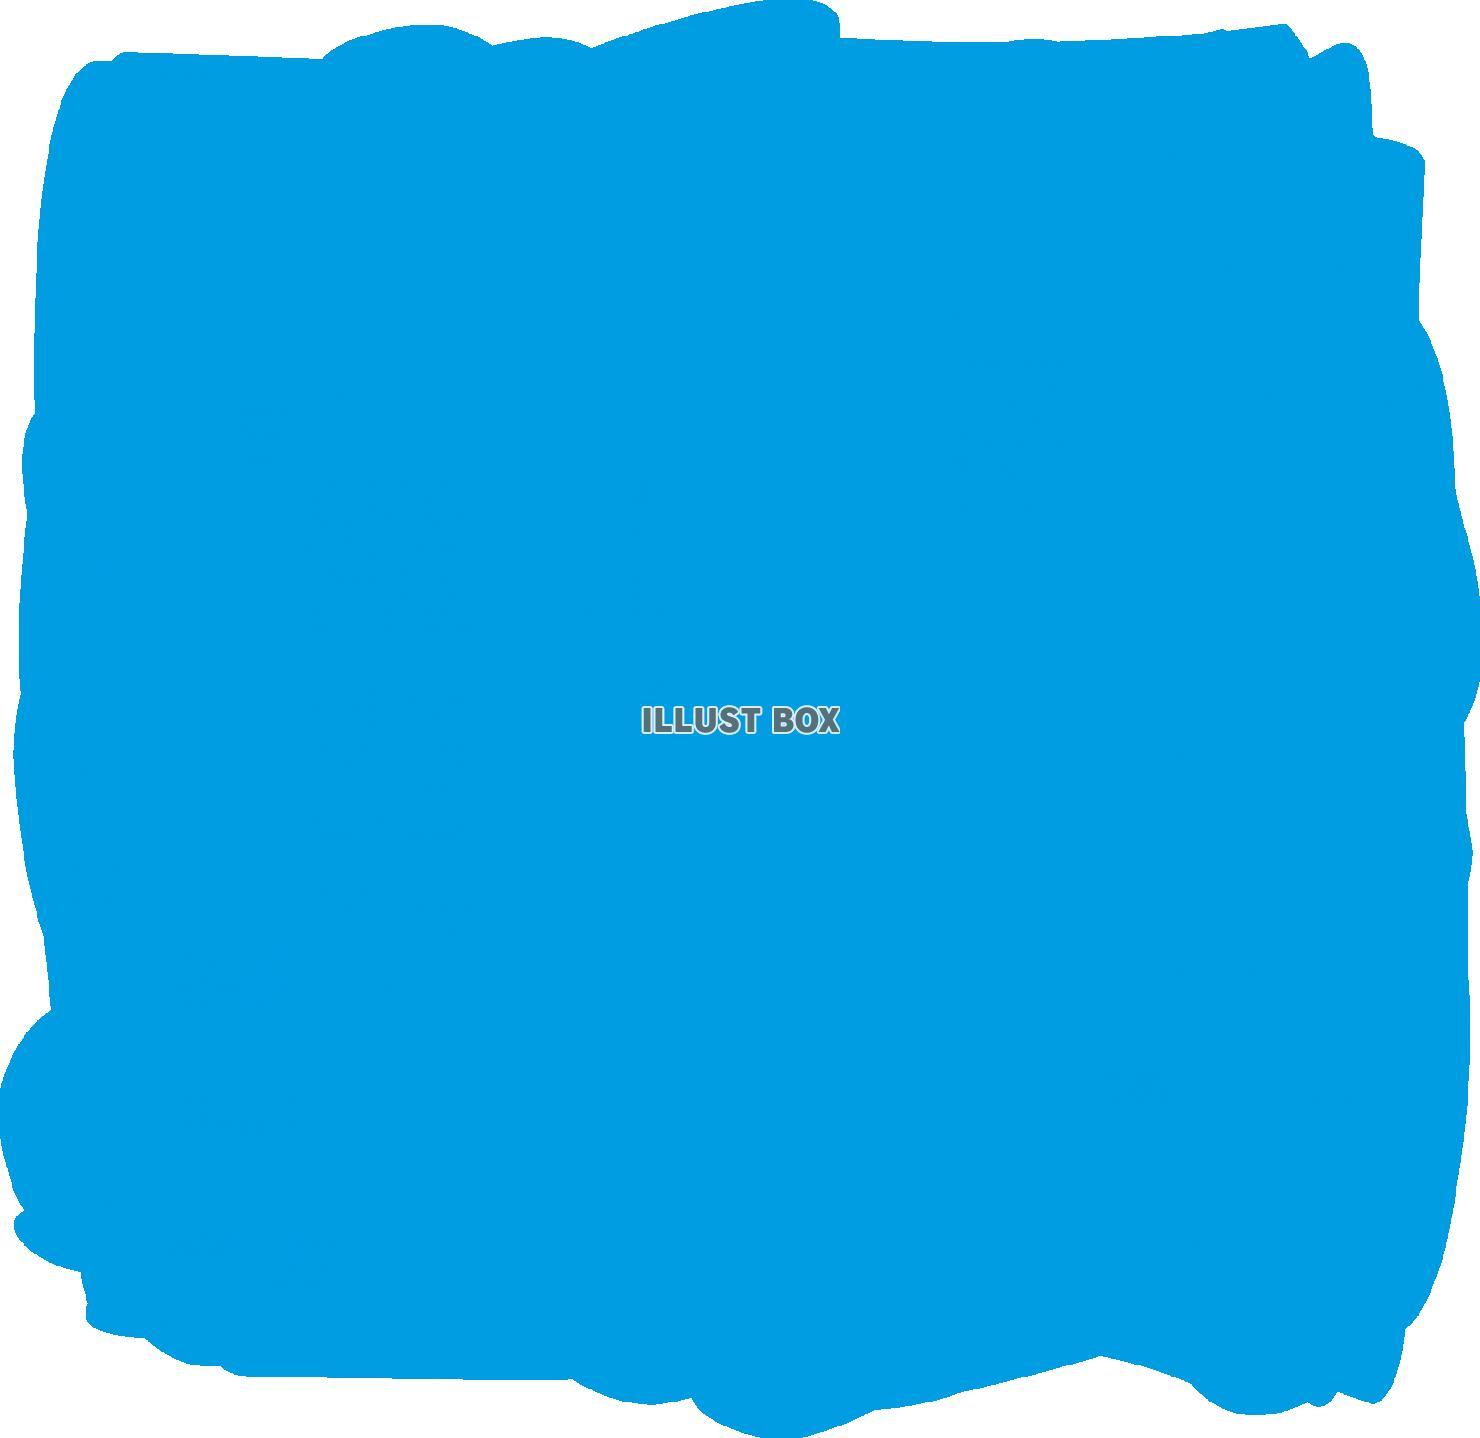 無料イラスト 水色水彩おしゃれフレーム枠背景イラスト枠シンプル